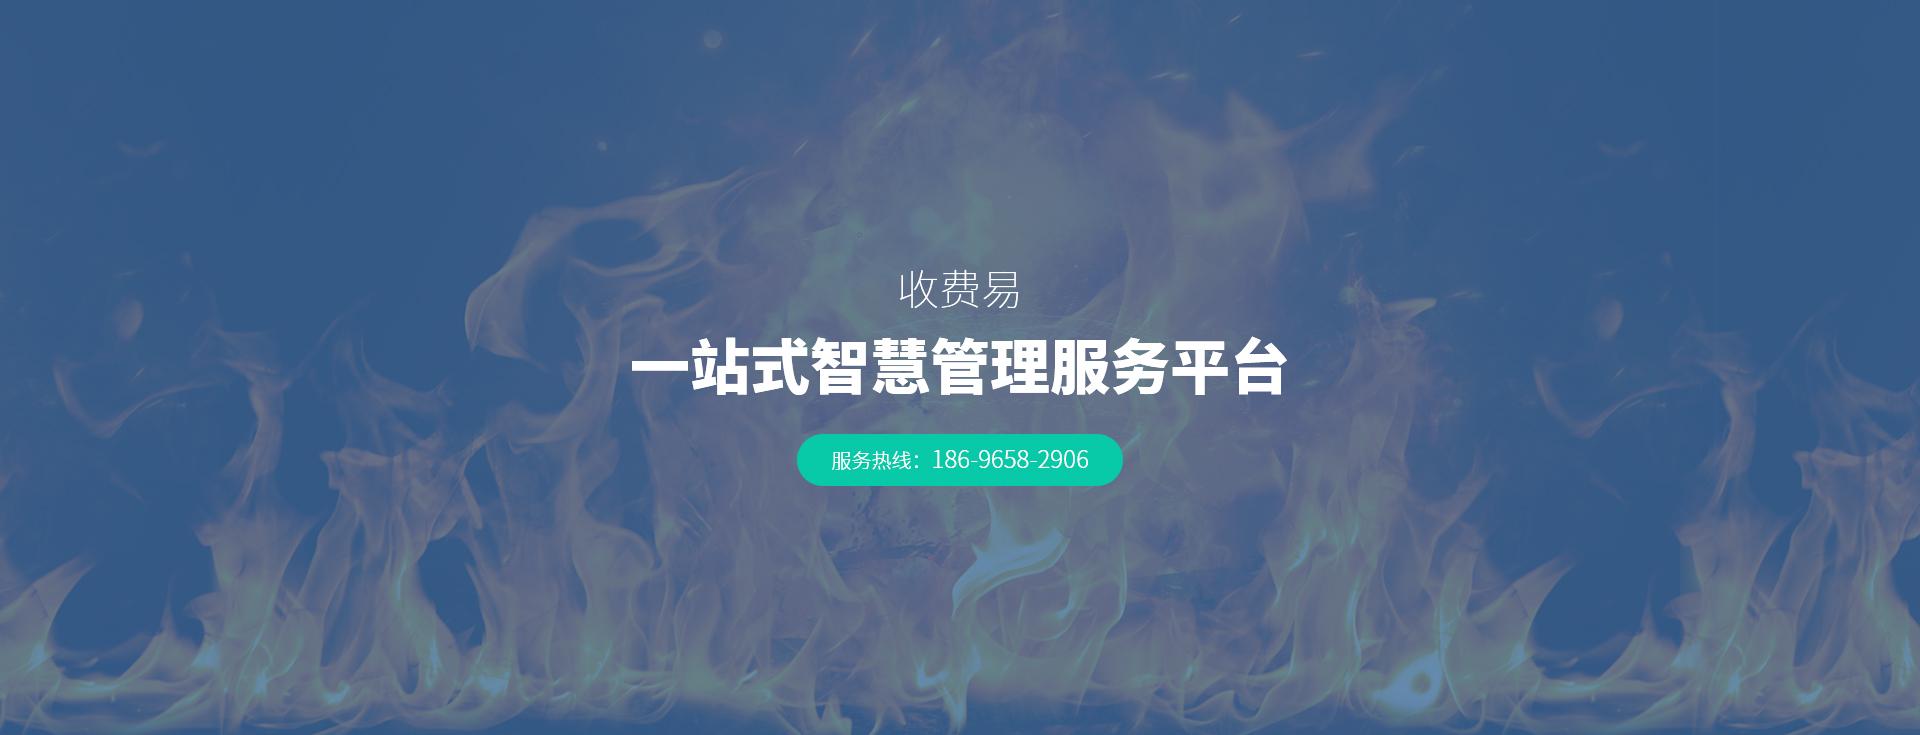 燃气收费系统软件